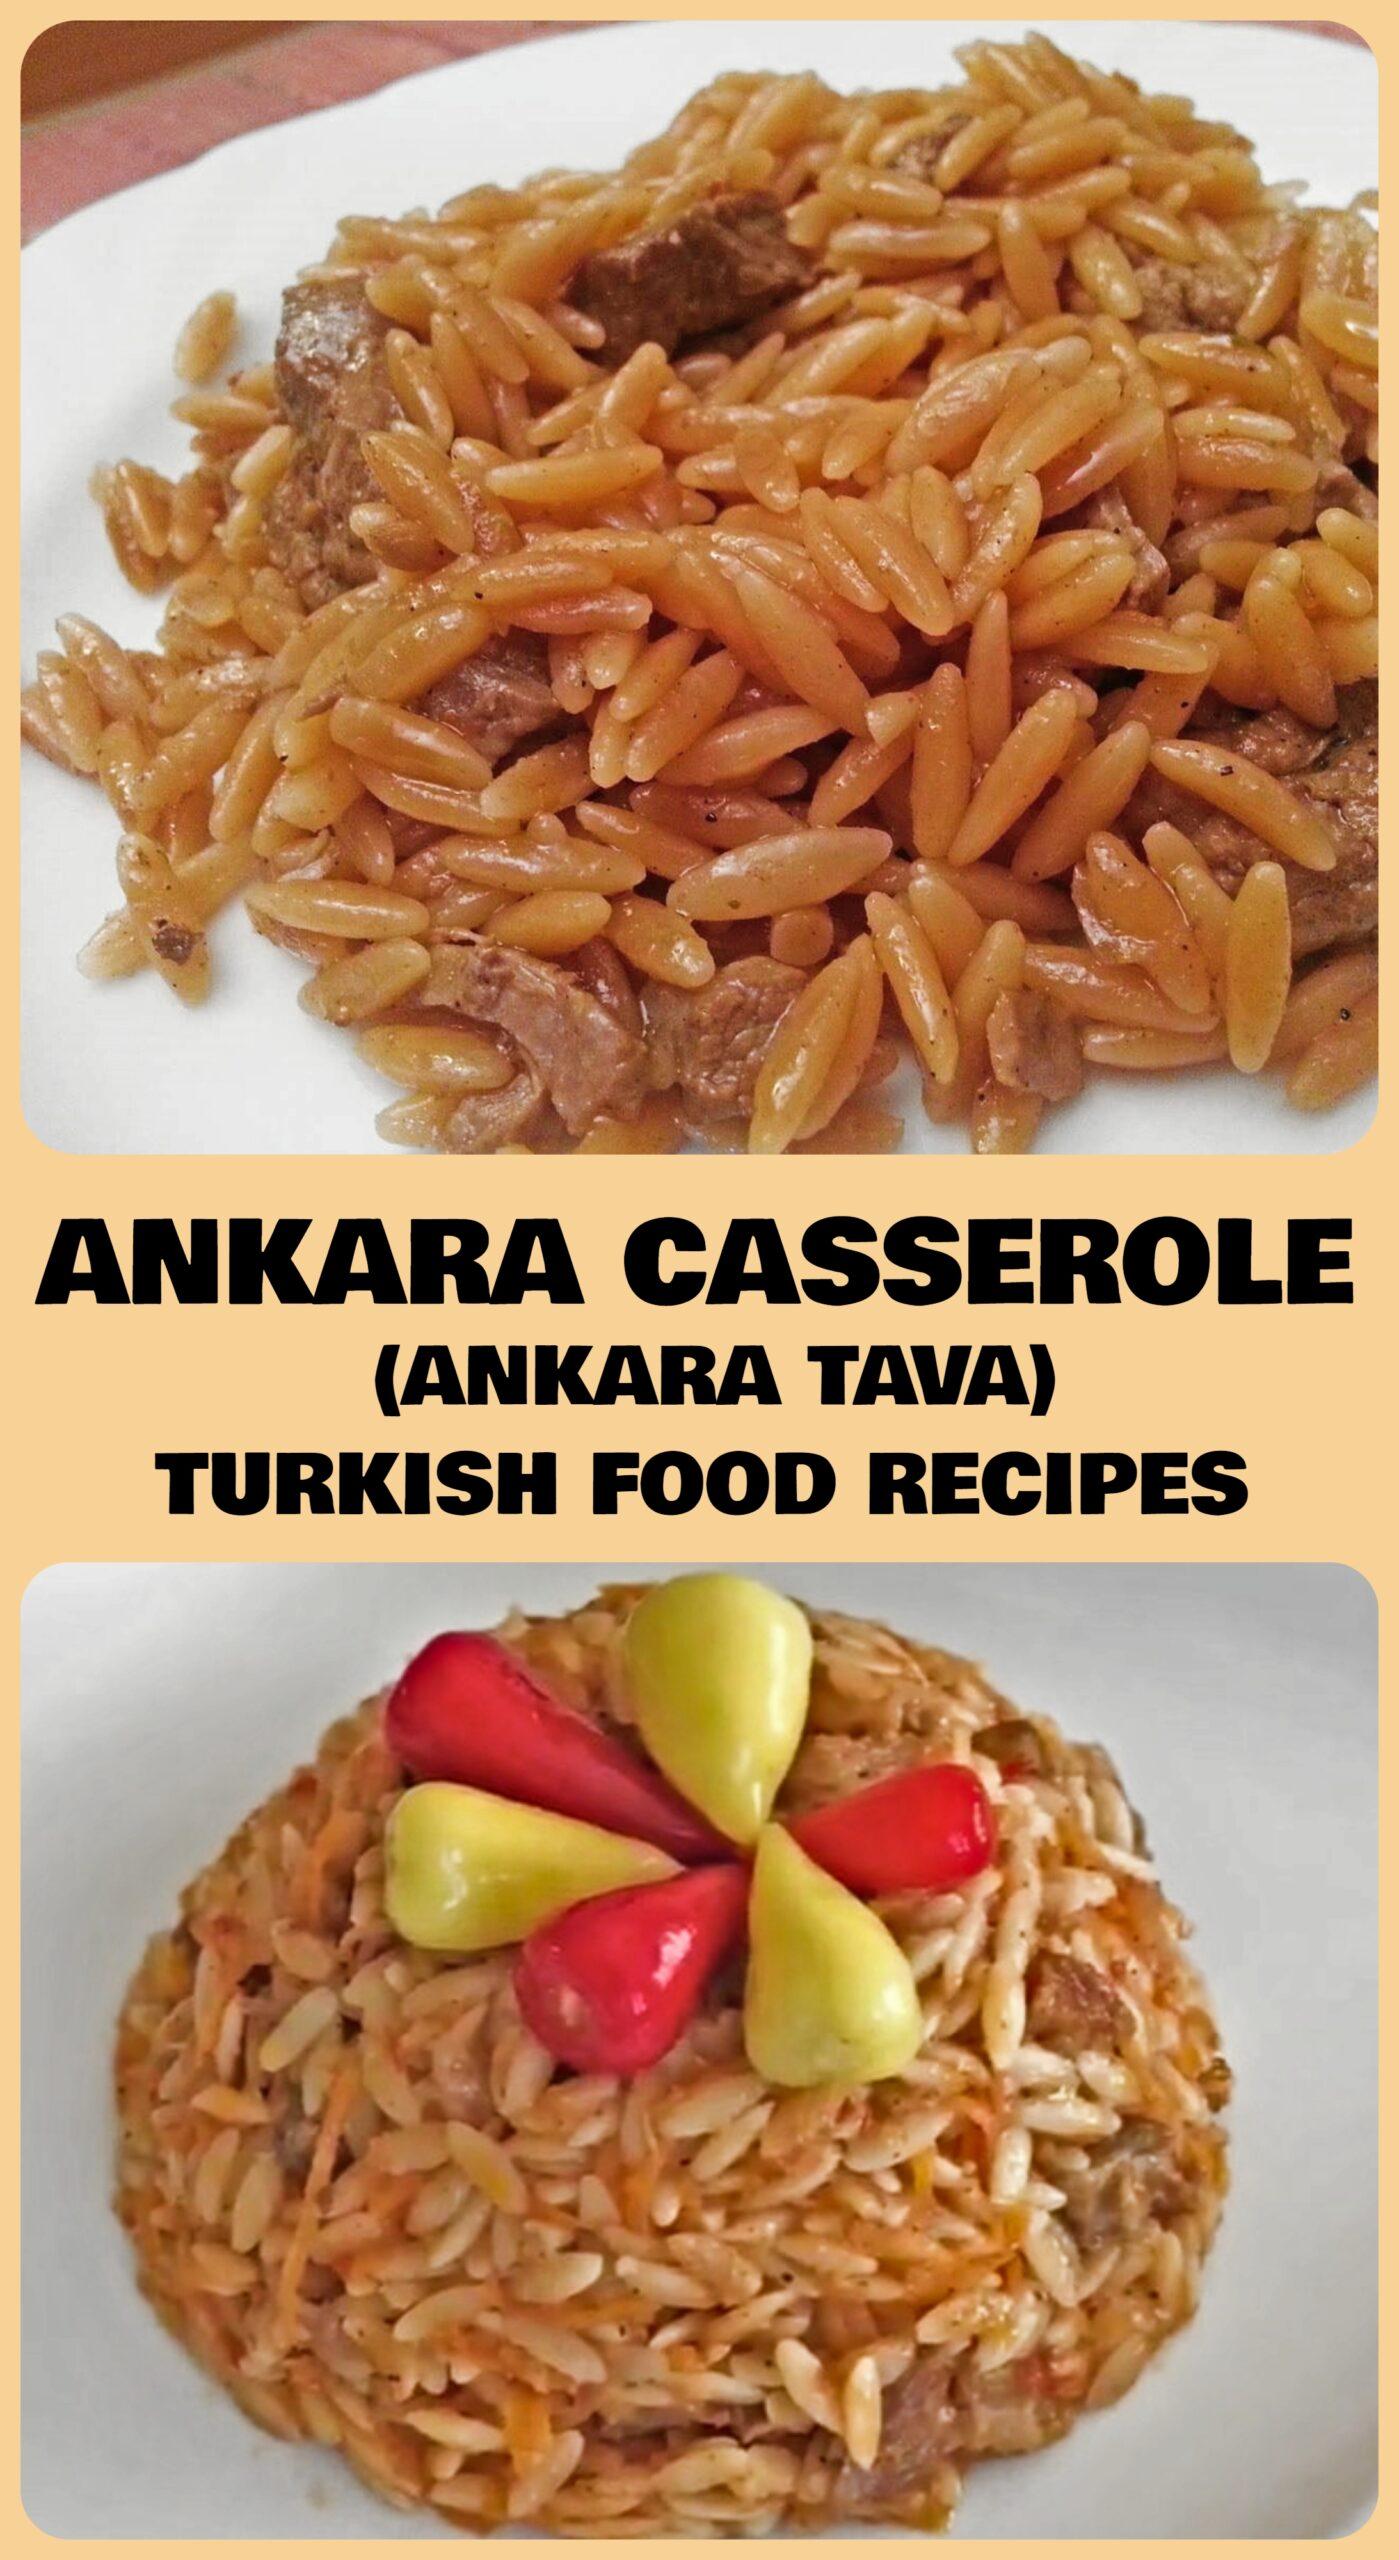 Ankara Casserole - Ankara Tava Recipe